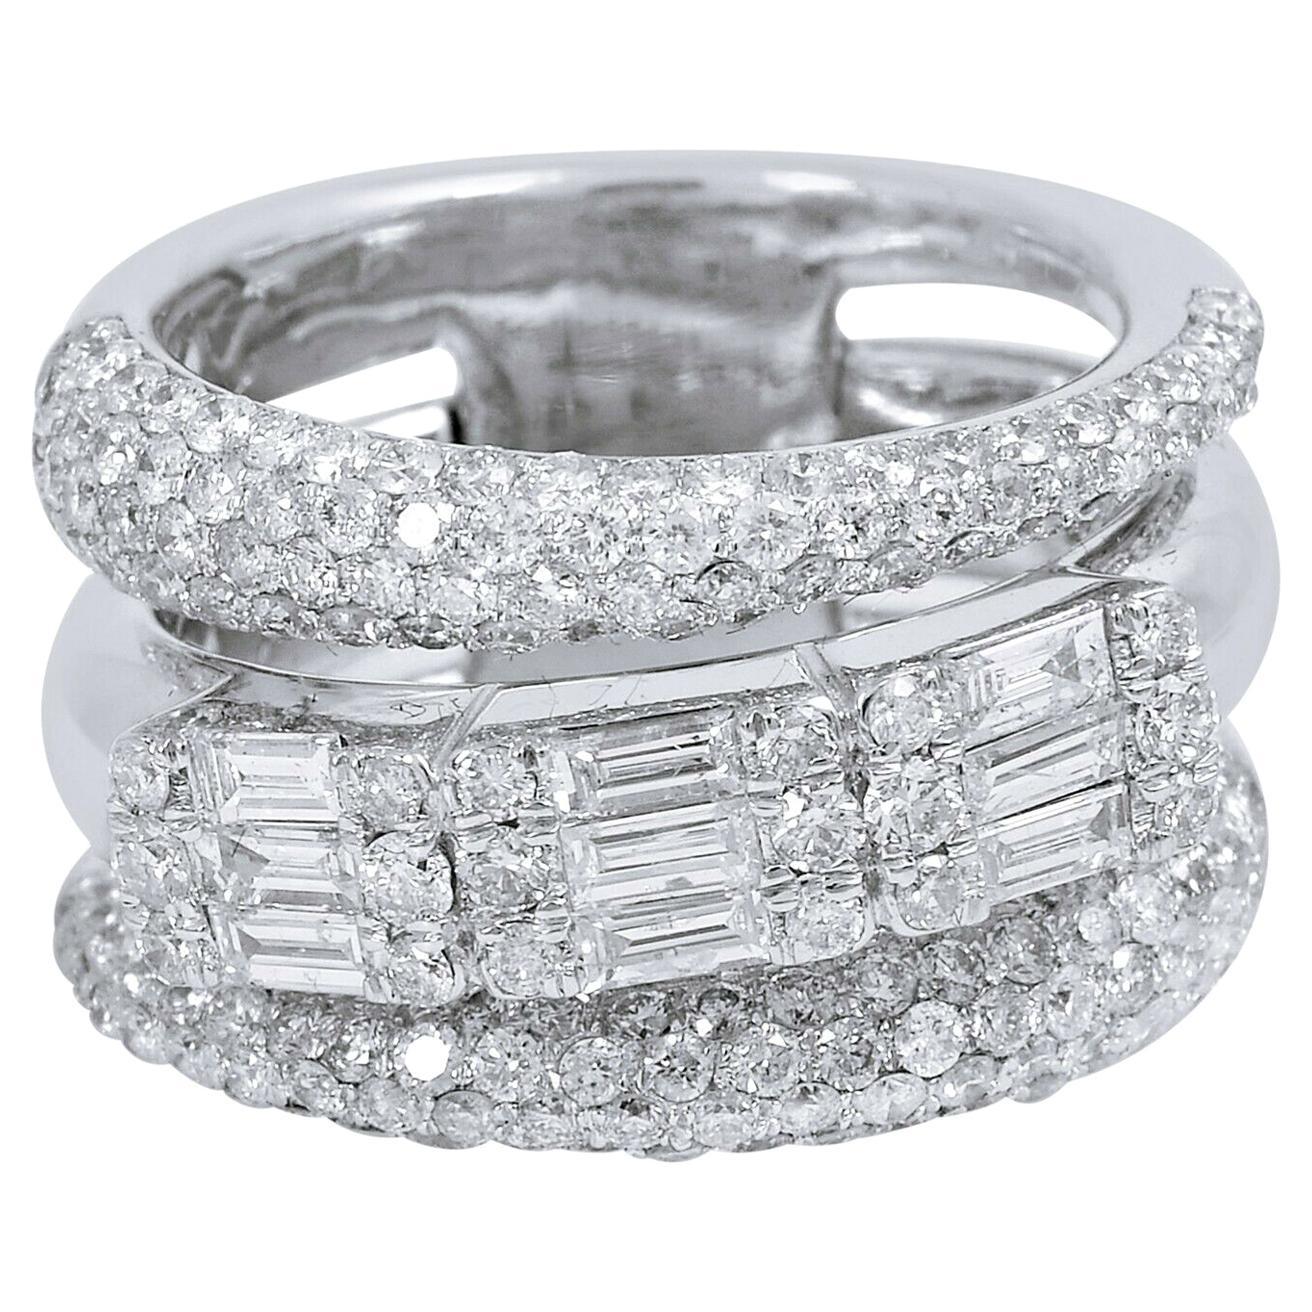 2.70 Carat Diamond 18 Karat White Gold Engagement Ring